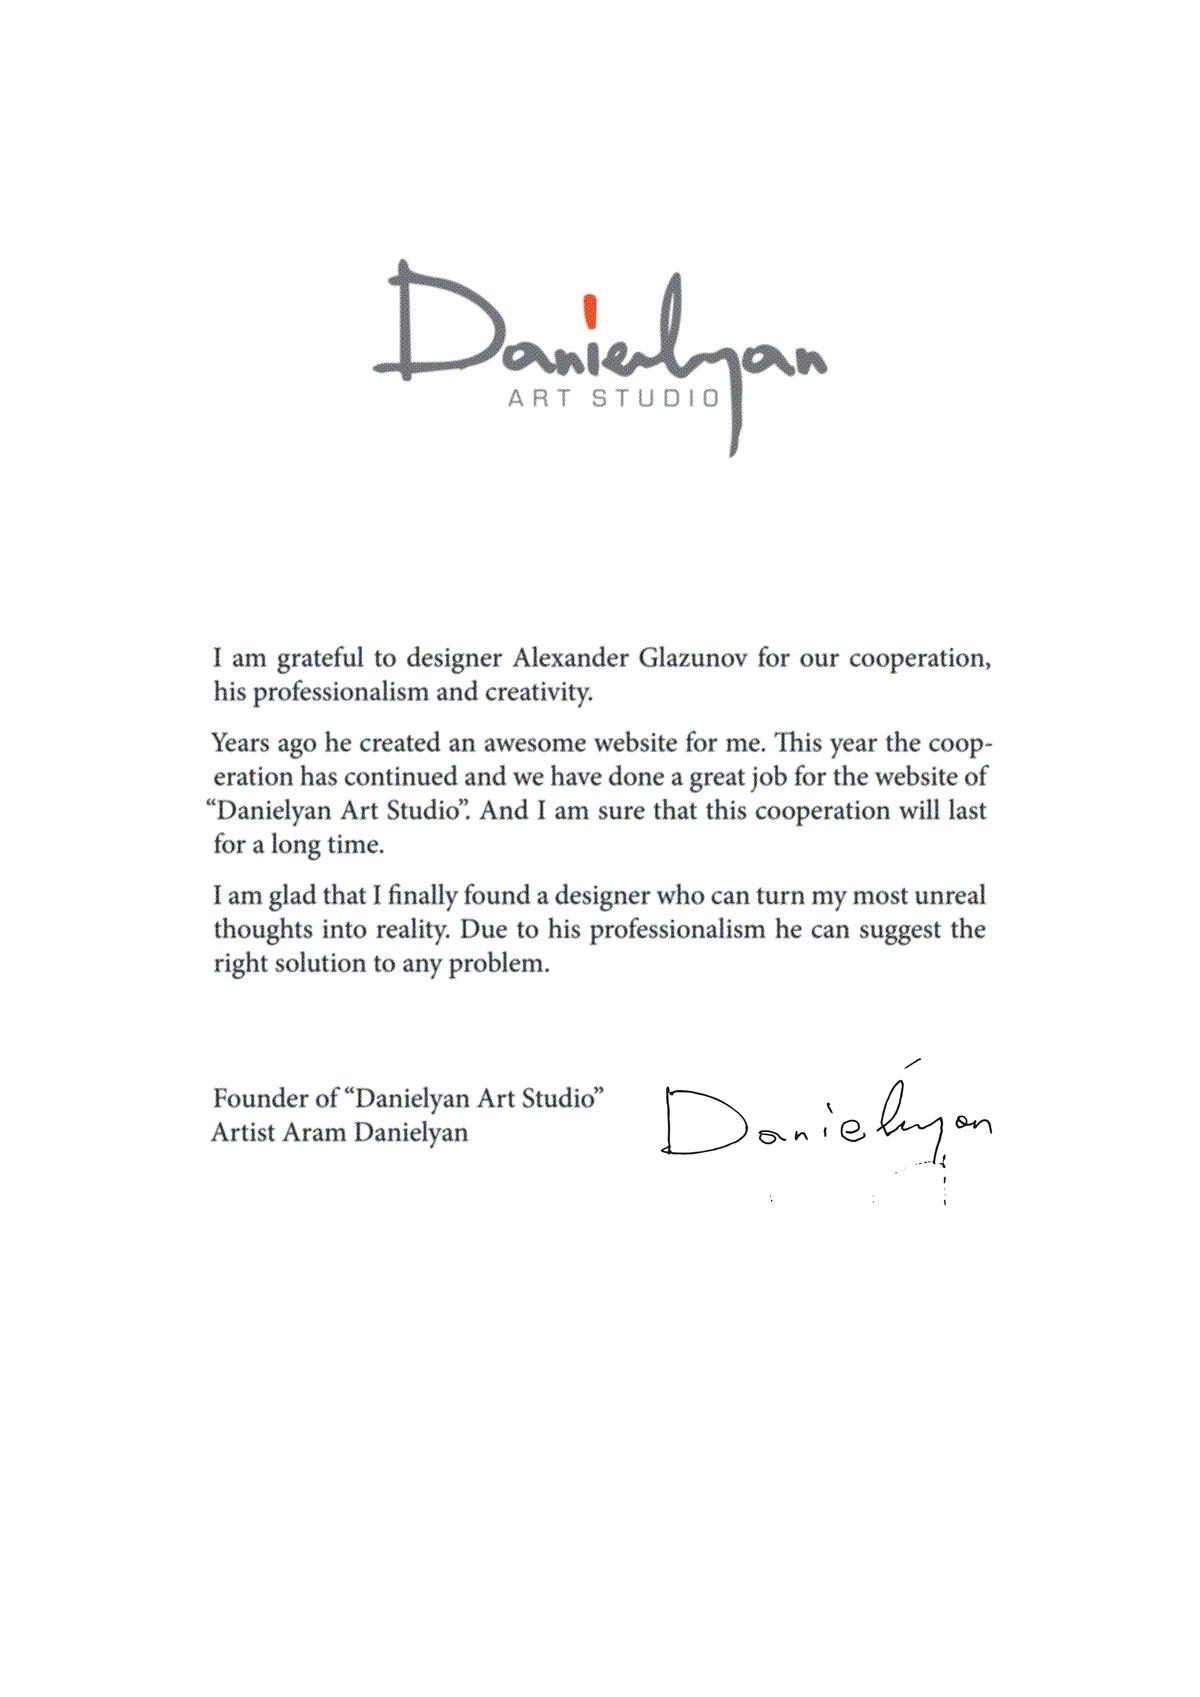 Рекомендация от Арама Даниеляна